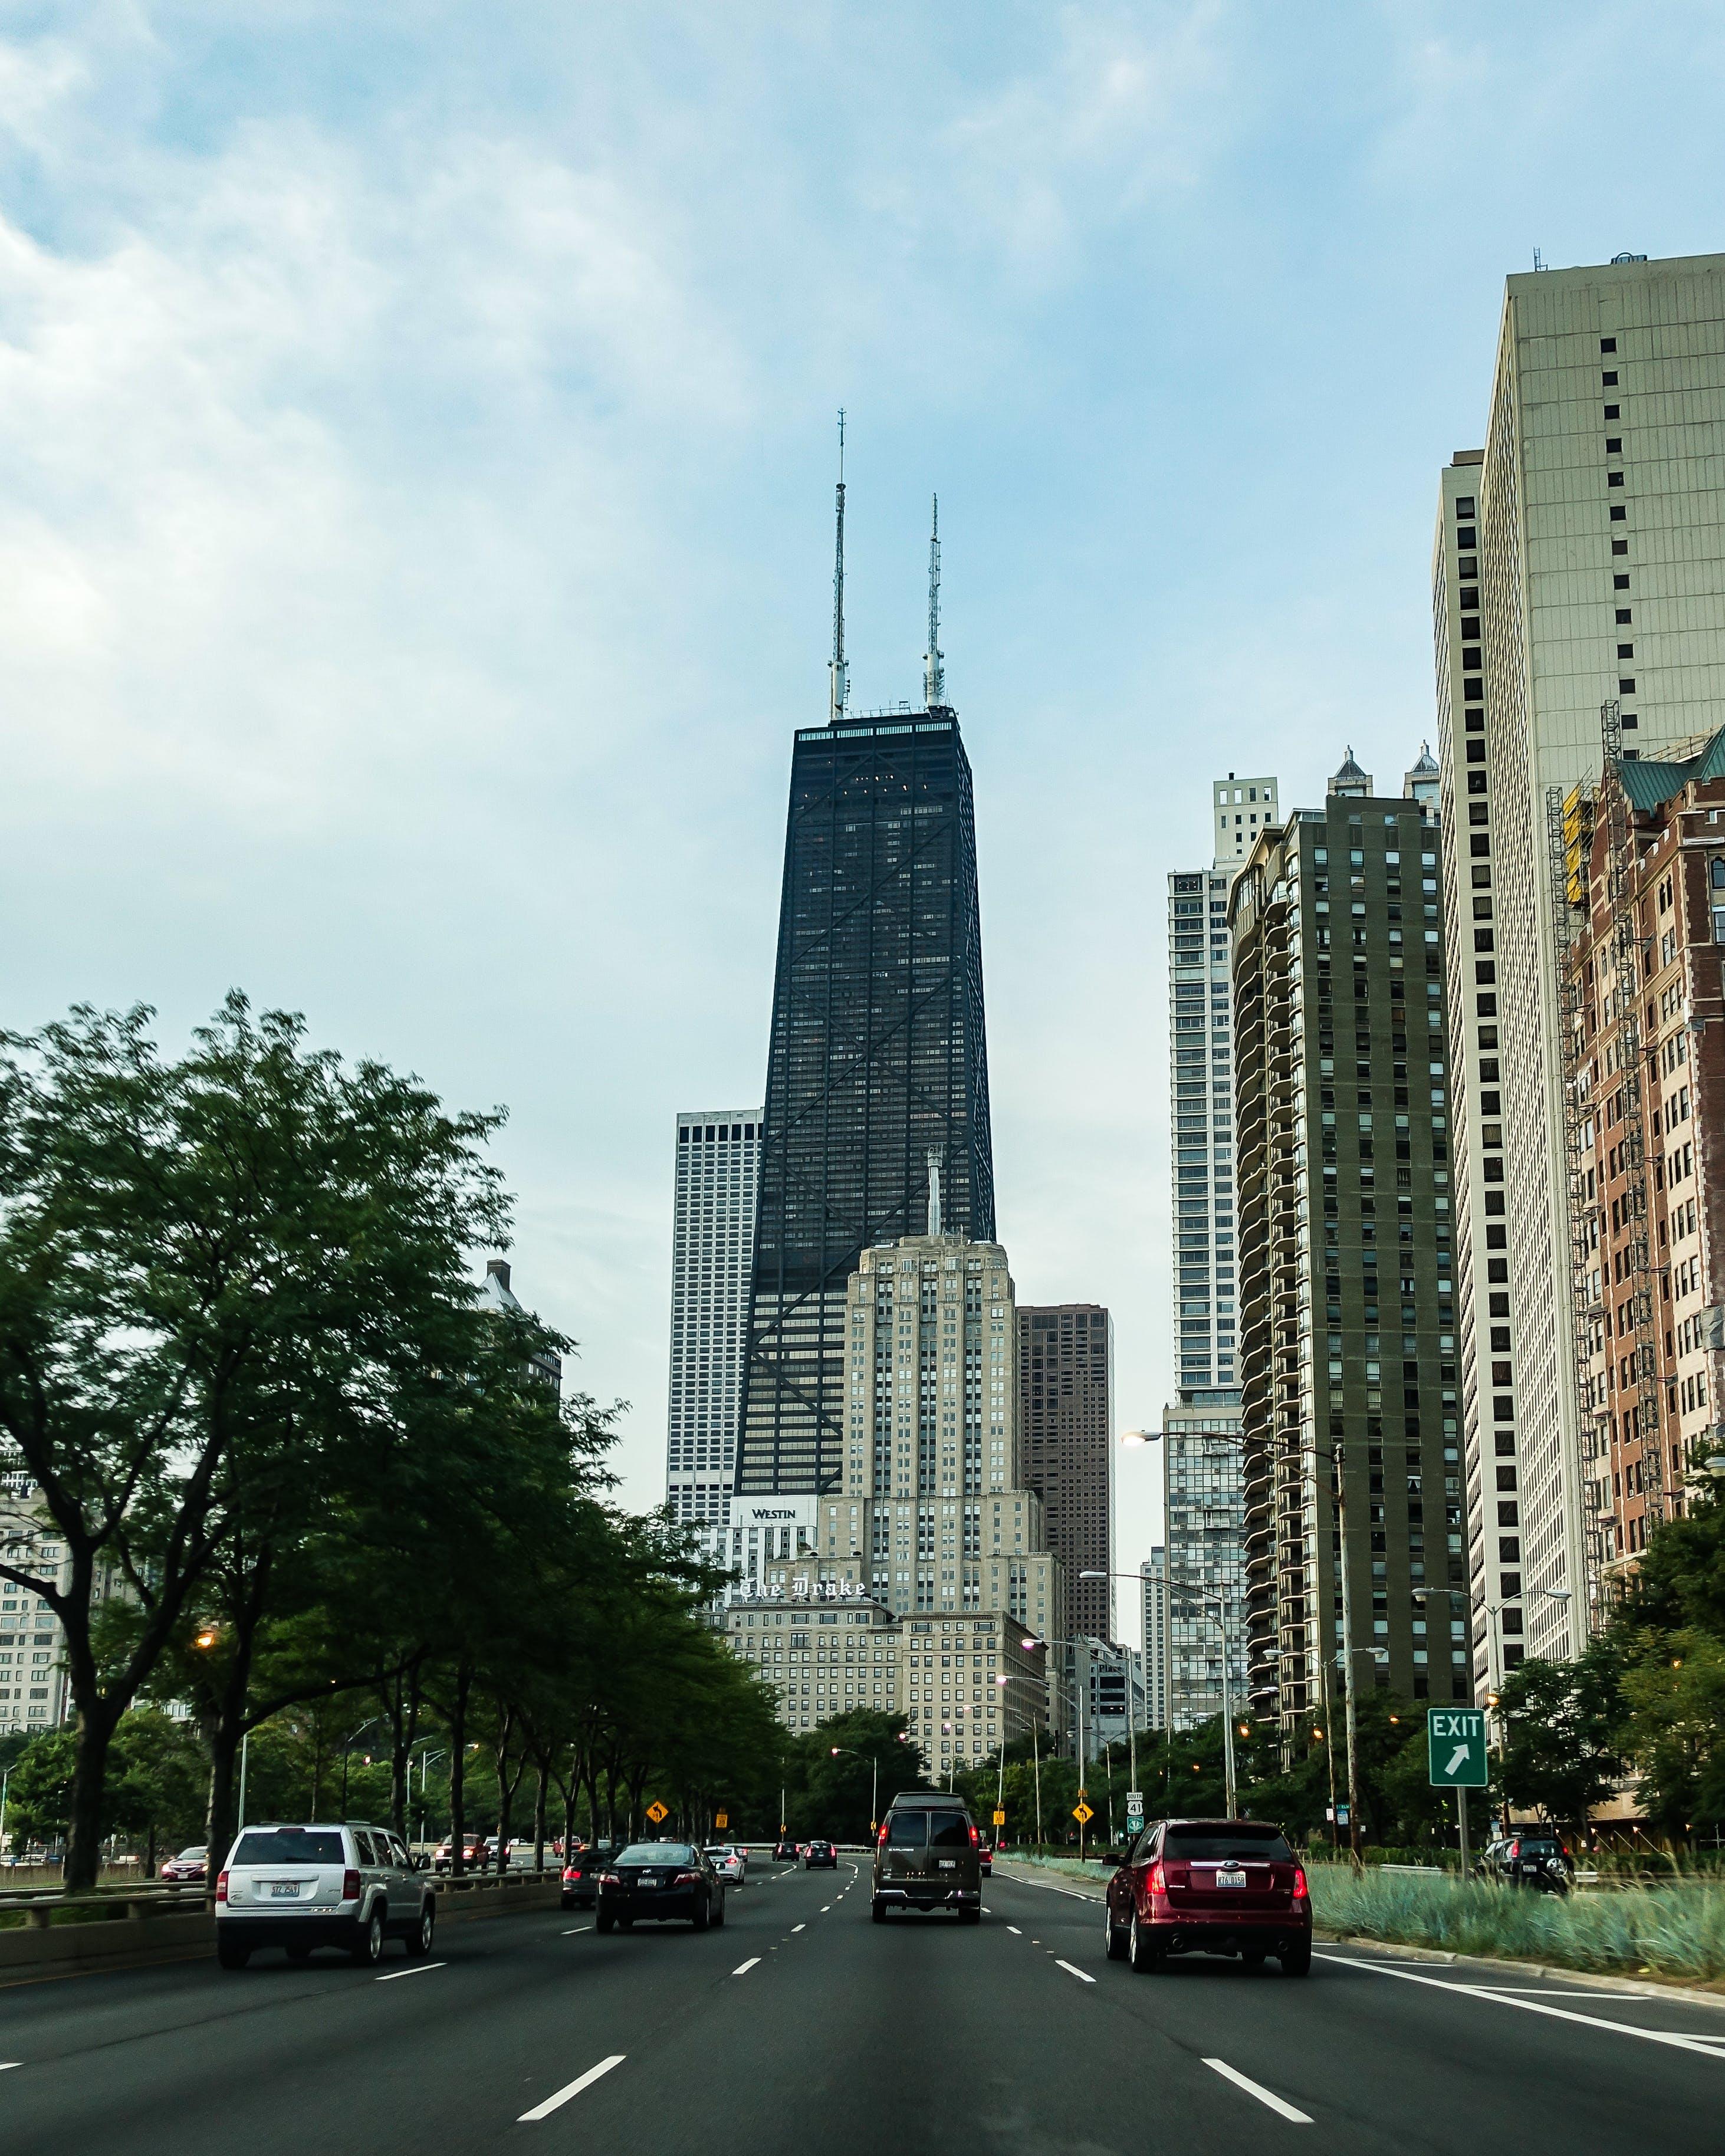 Δωρεάν στοκ φωτογραφιών με αρχιτεκτονική, αστικός, αυτοκίνητα, γραφεία